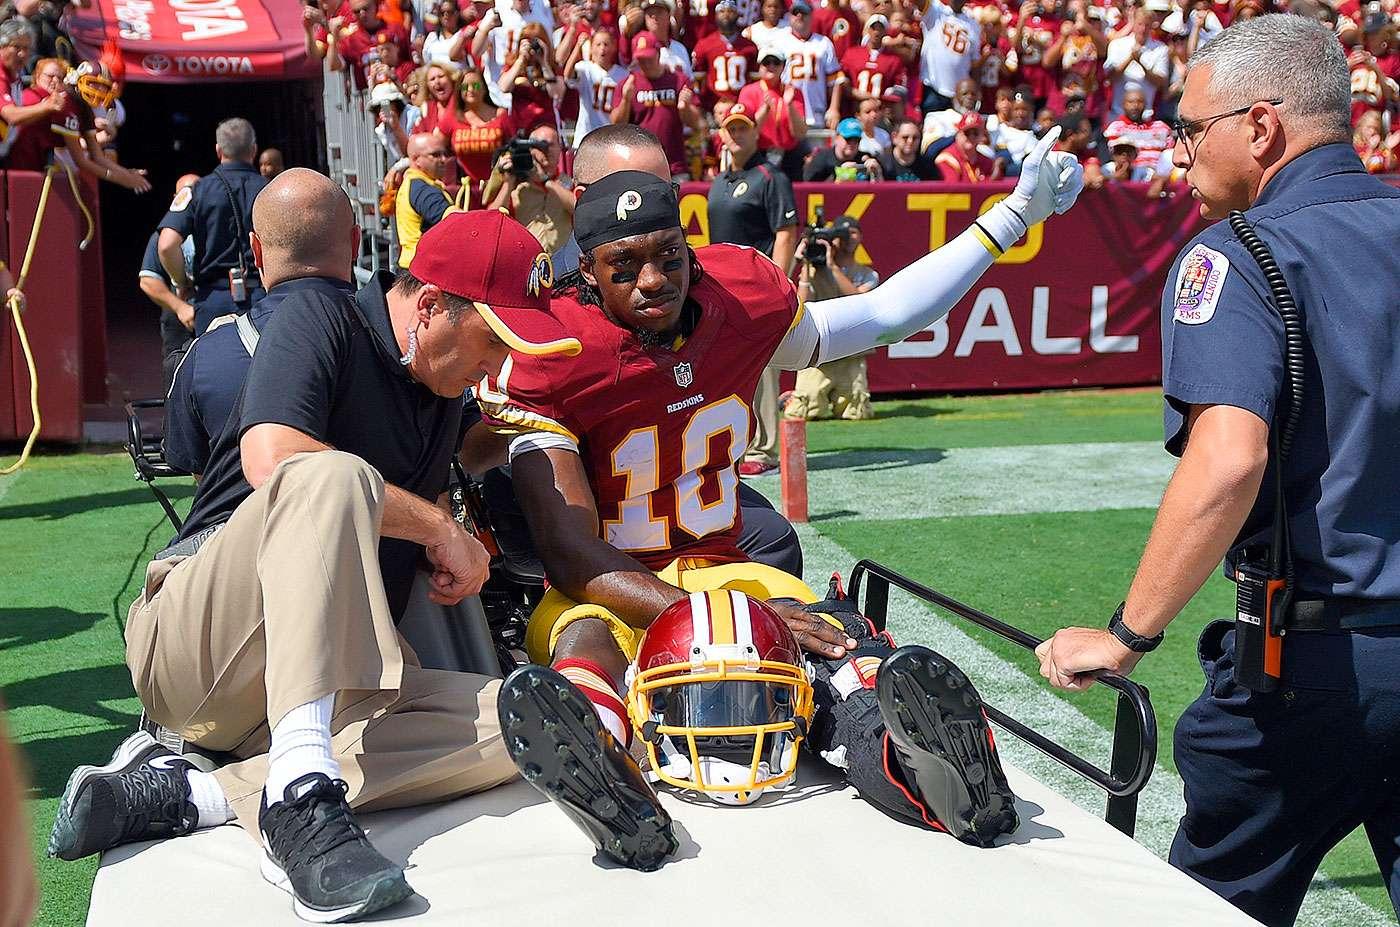 Robert Griffin III se lastimó cuando el tobillo izquierdo se atoró en el terreno y se torció durante el primer cuarto del partido que Washington por 41-10 a Jacksonville. Foto: AP